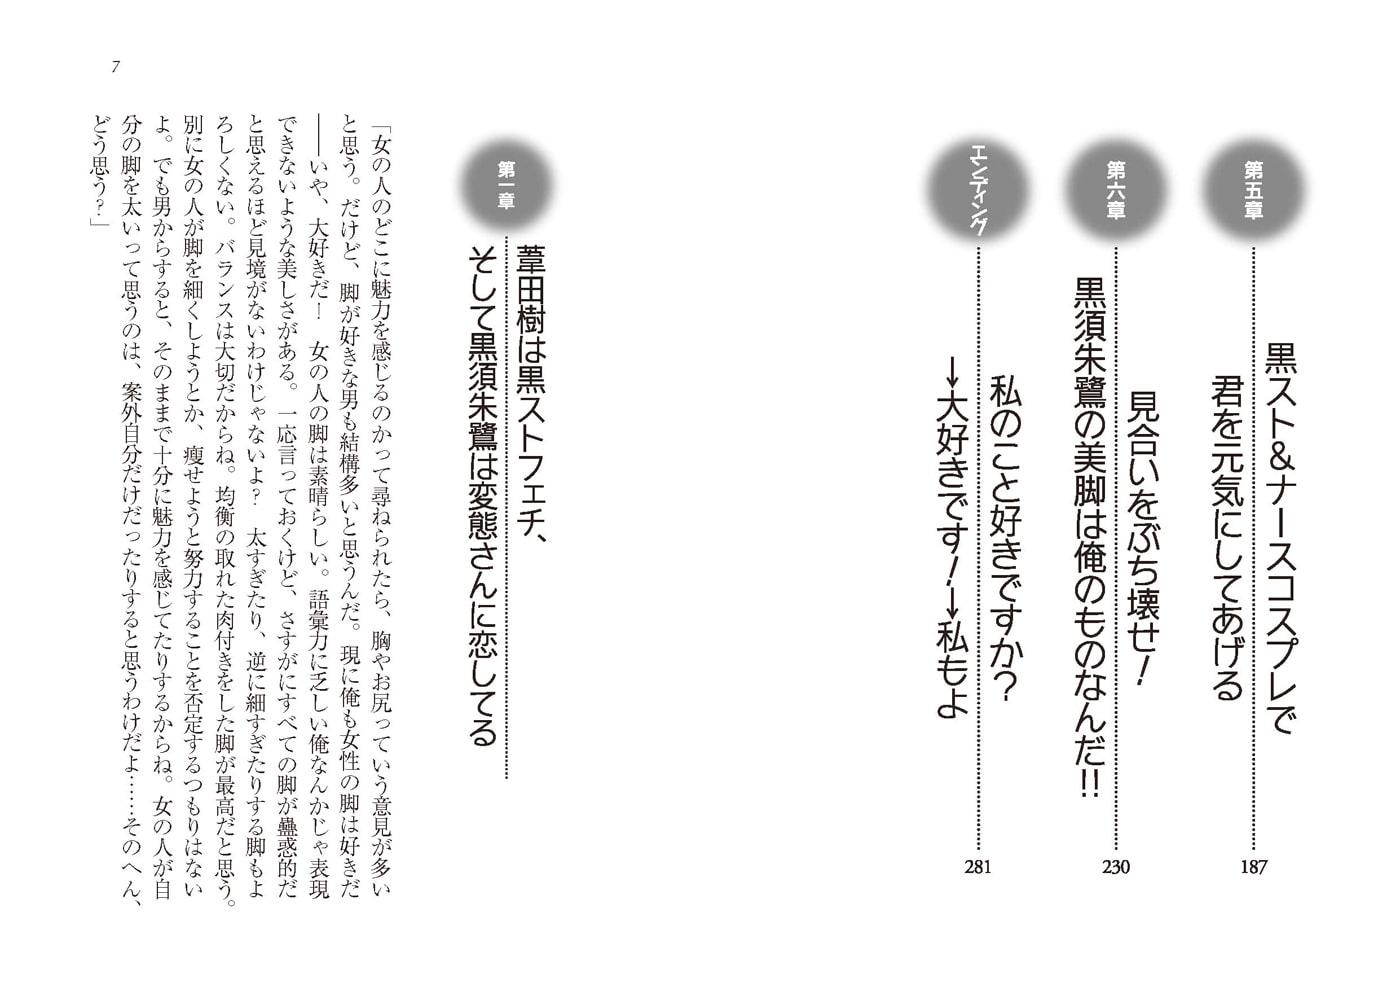 生徒会長・黒須朱鷺の黒ストッキングは好きですか?→大好きです!